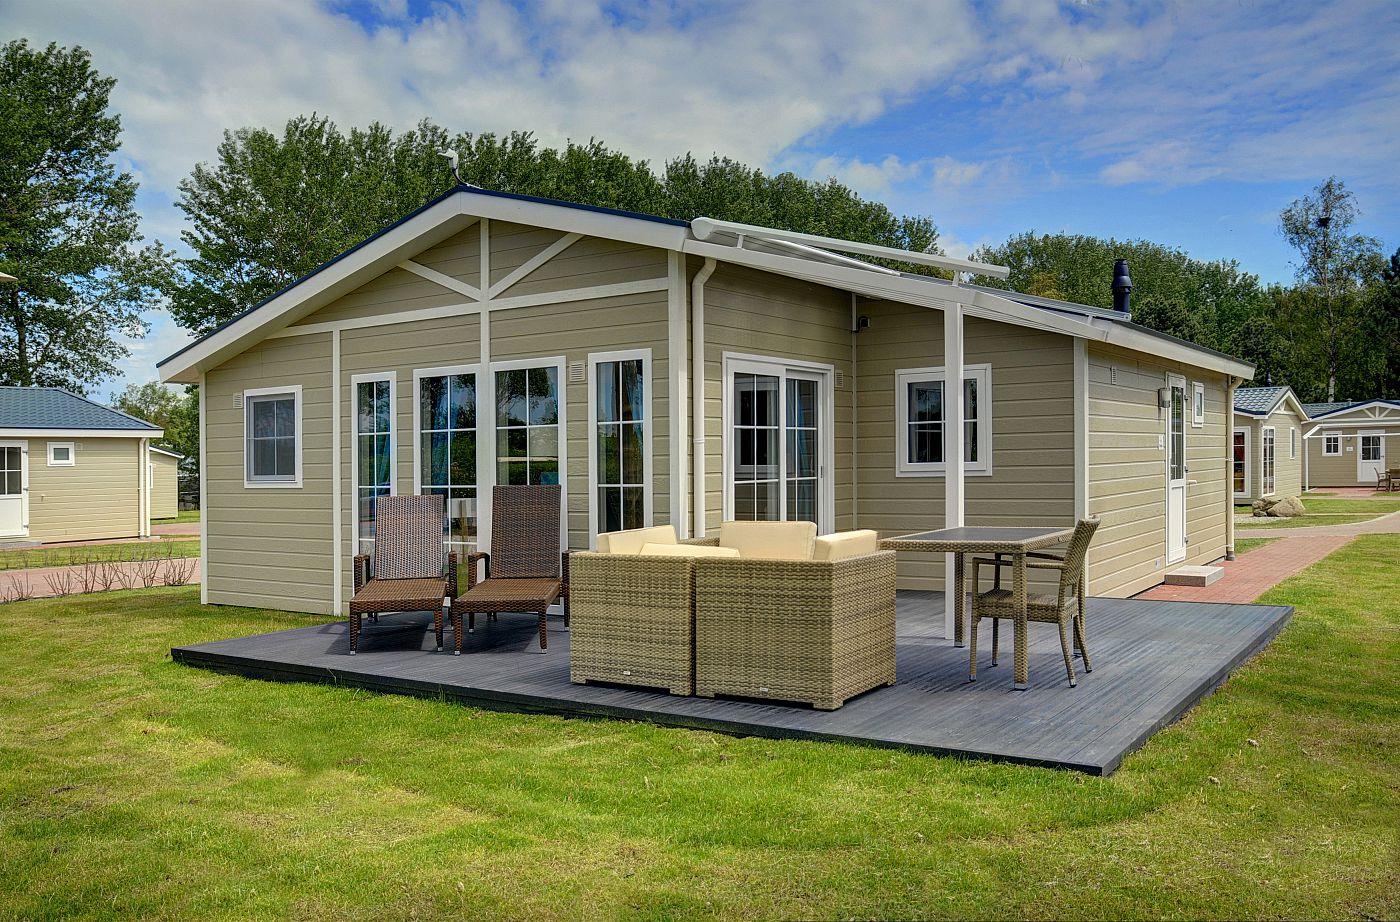 fehmarn golfpark. Black Bedroom Furniture Sets. Home Design Ideas